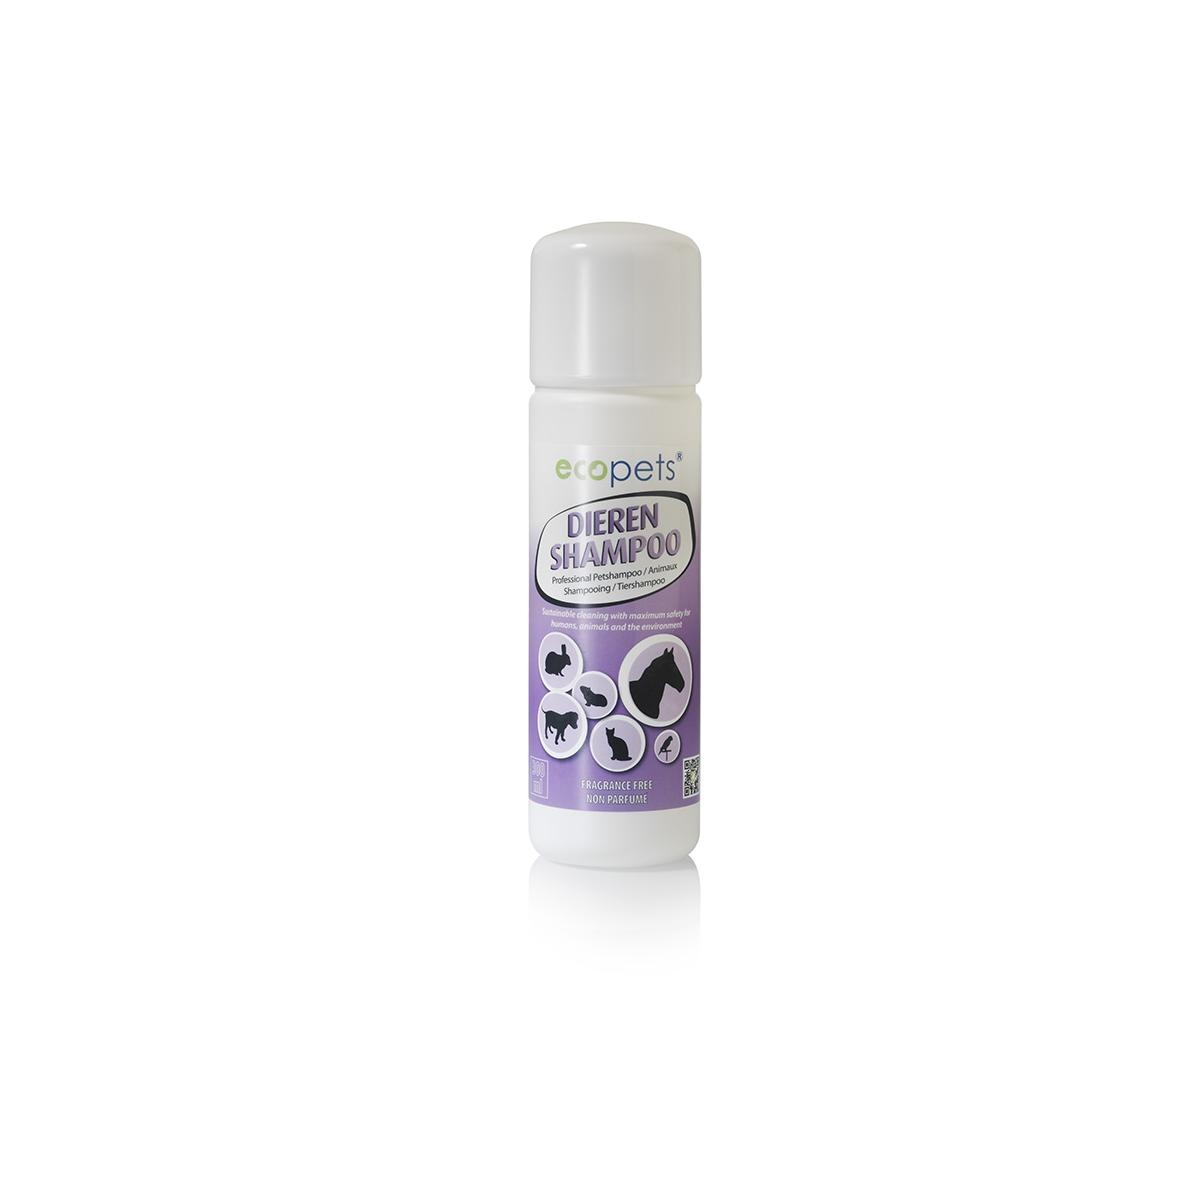 Productafbeelding voor 'Ecopets shampoo meerkleurig 300 ml'